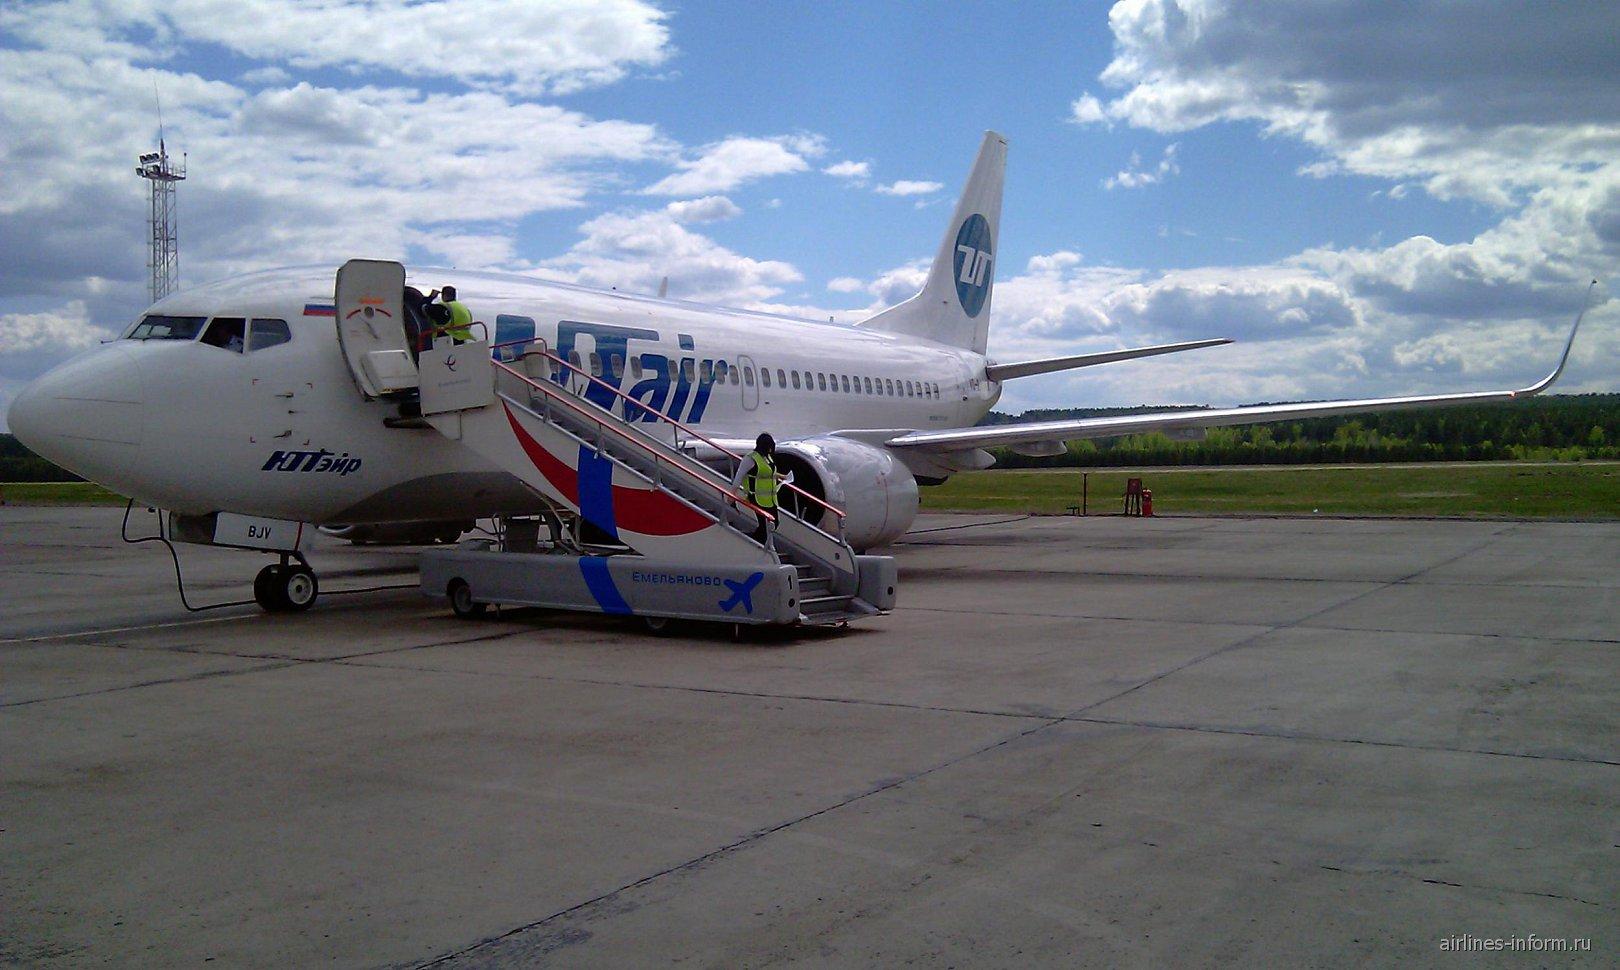 Боинг-737-500 авиакомпании ЮТэйр в аэропорту Красноярска